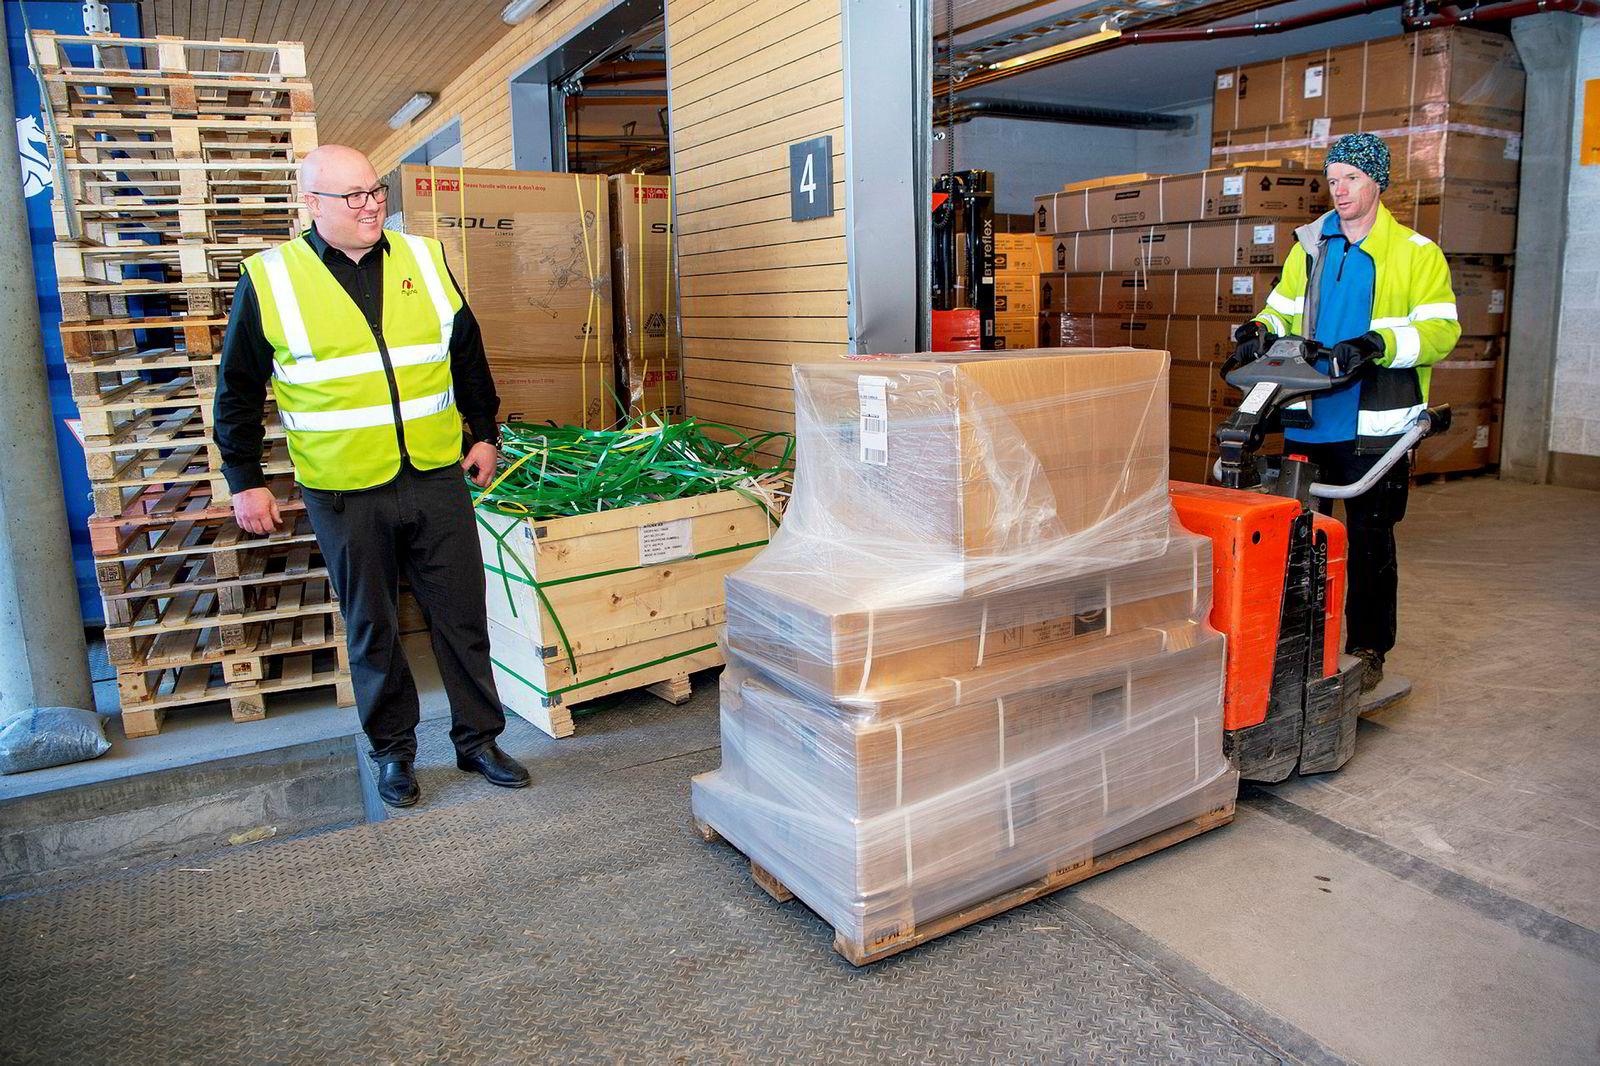 Høy etterspørsel har satt lageret på prøve. Her forbereder Lars Ole Granhaug (t.h.) i Drammen transport utkjøring av utstyr til kunde.